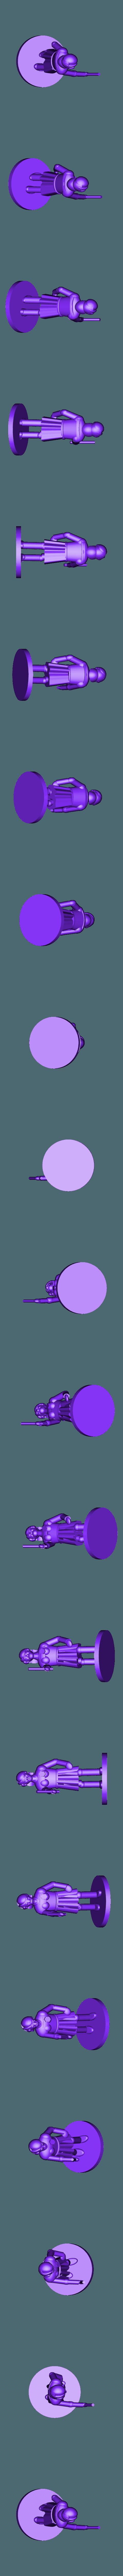 wizardy_girl1.stl Télécharger fichier STL gratuit Schoolkids et enseignants magiques • Design à imprimer en 3D, Earsling